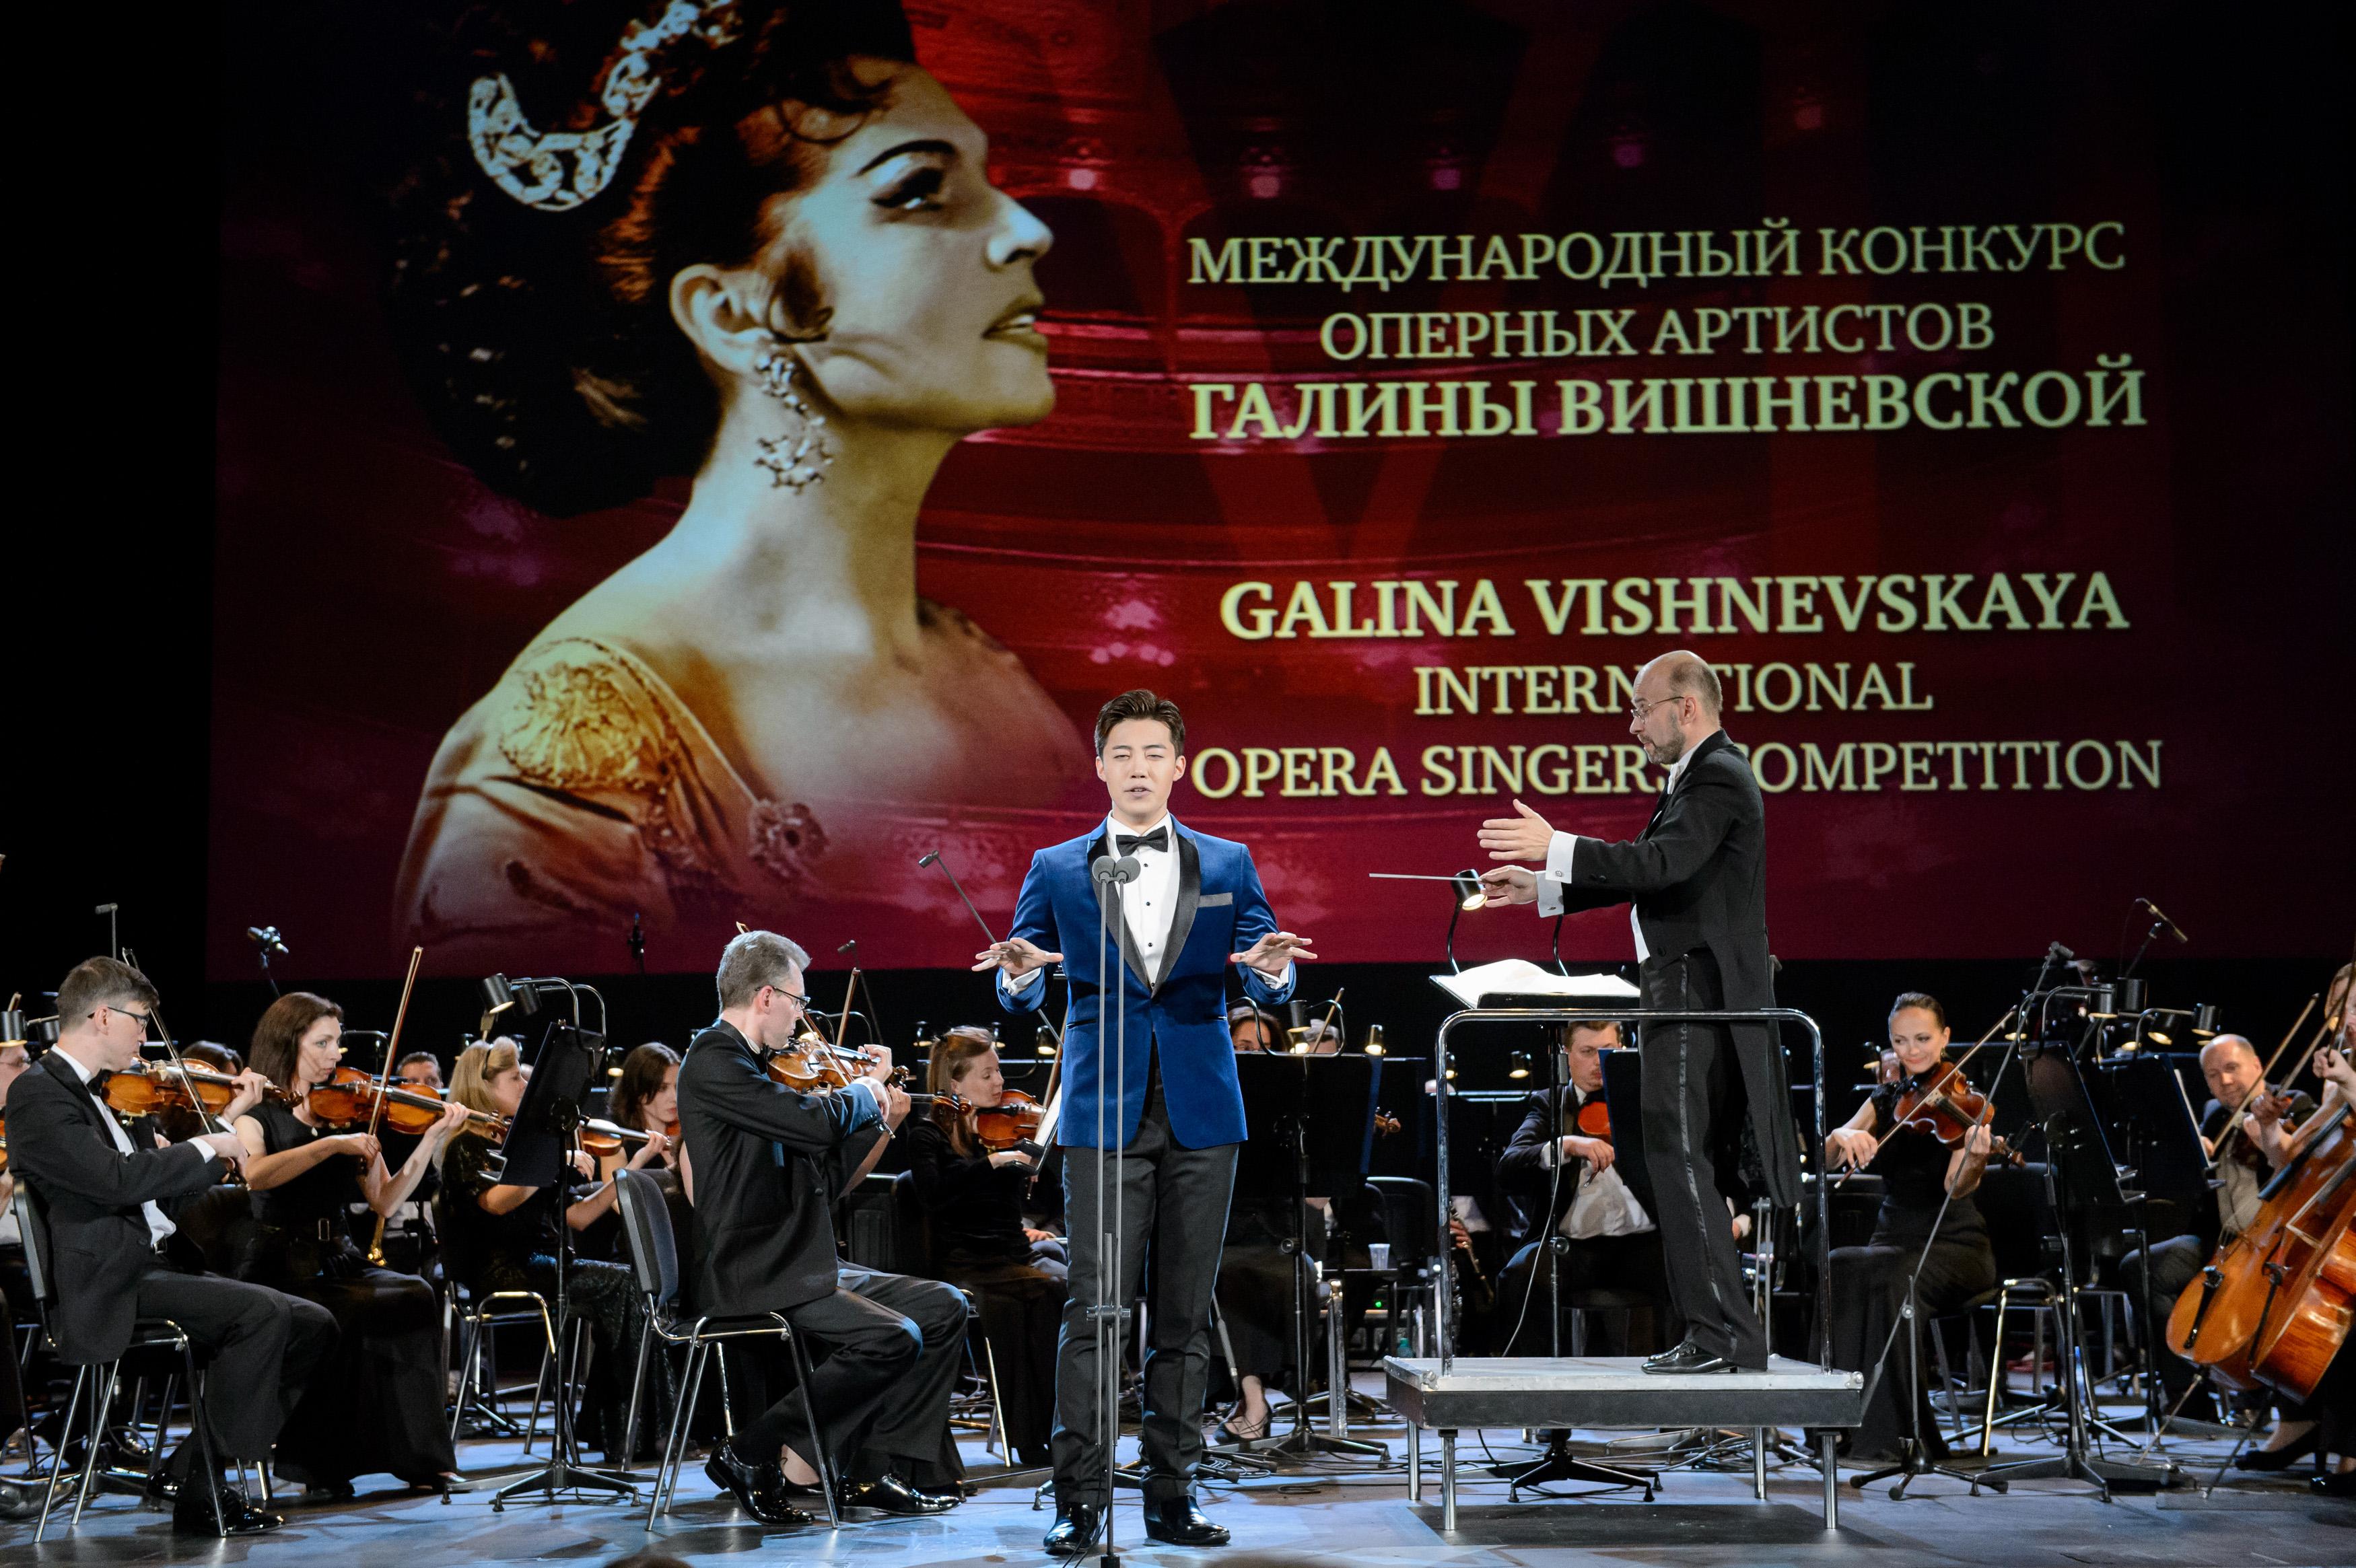 Финал и закрытие VIII Международного конкурса оперных артистов Галины Вишневской